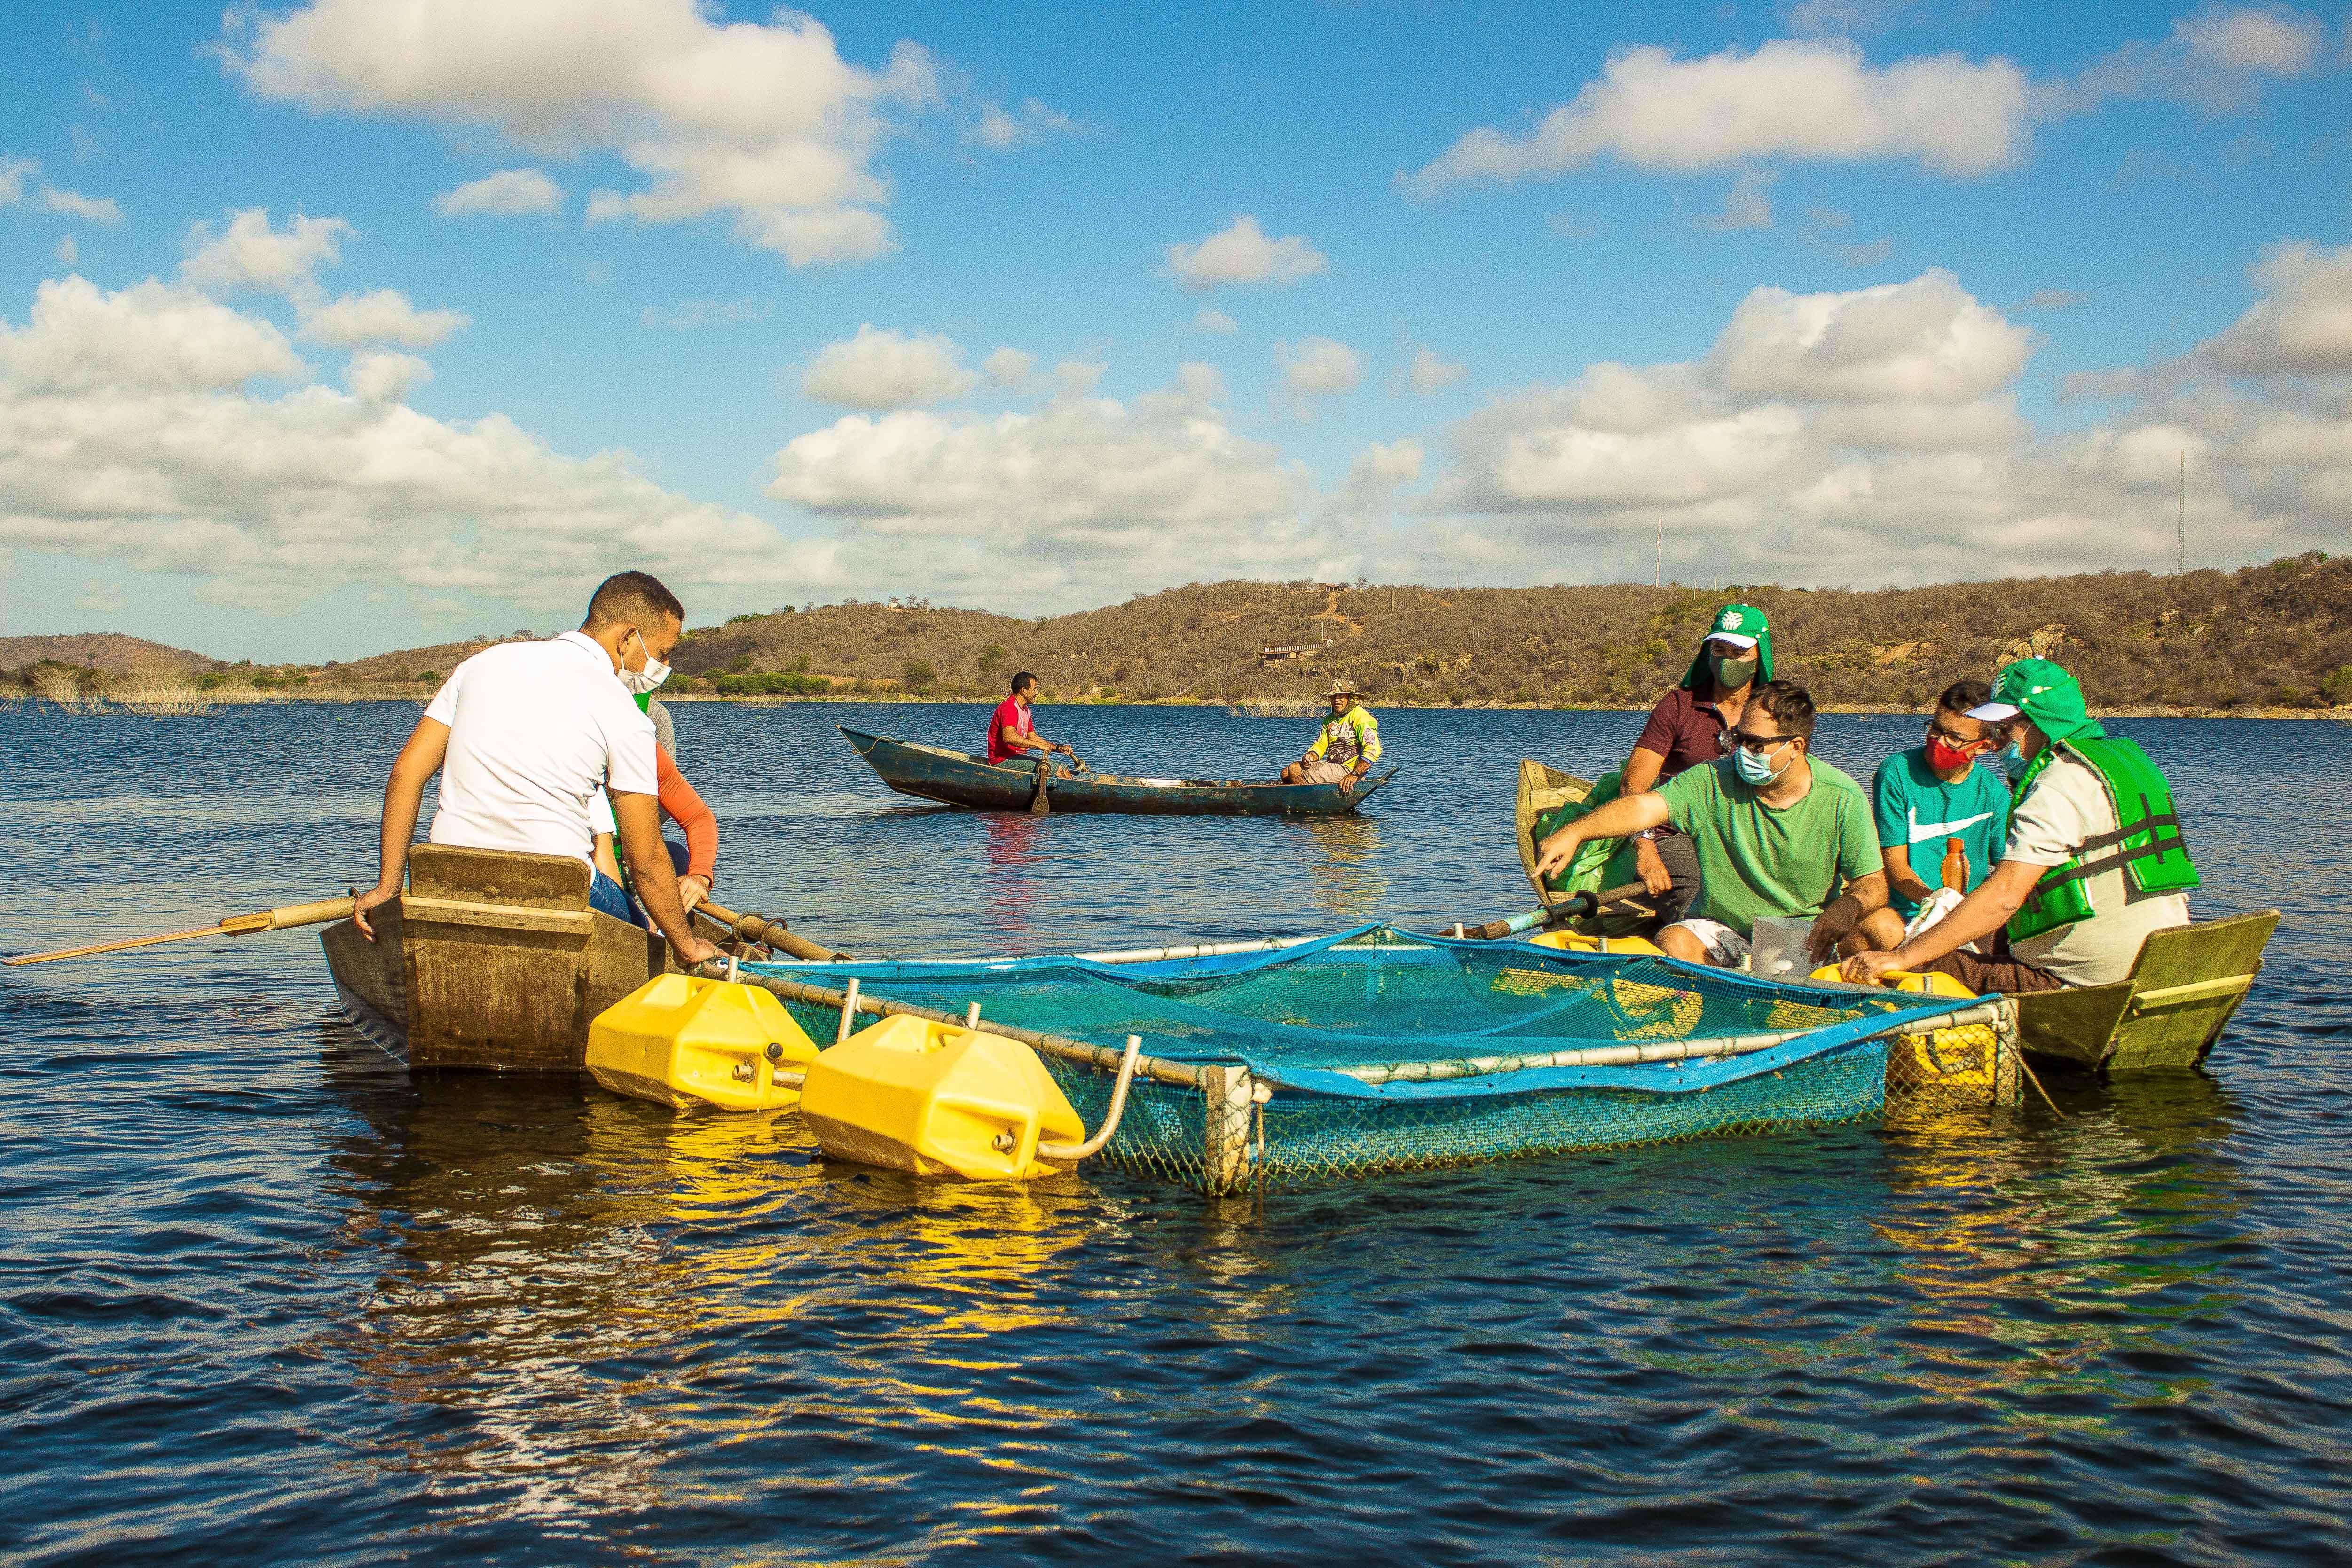 2021-09-17-e-19-curso-piscicultura-francisco-cesar-4498.jpg